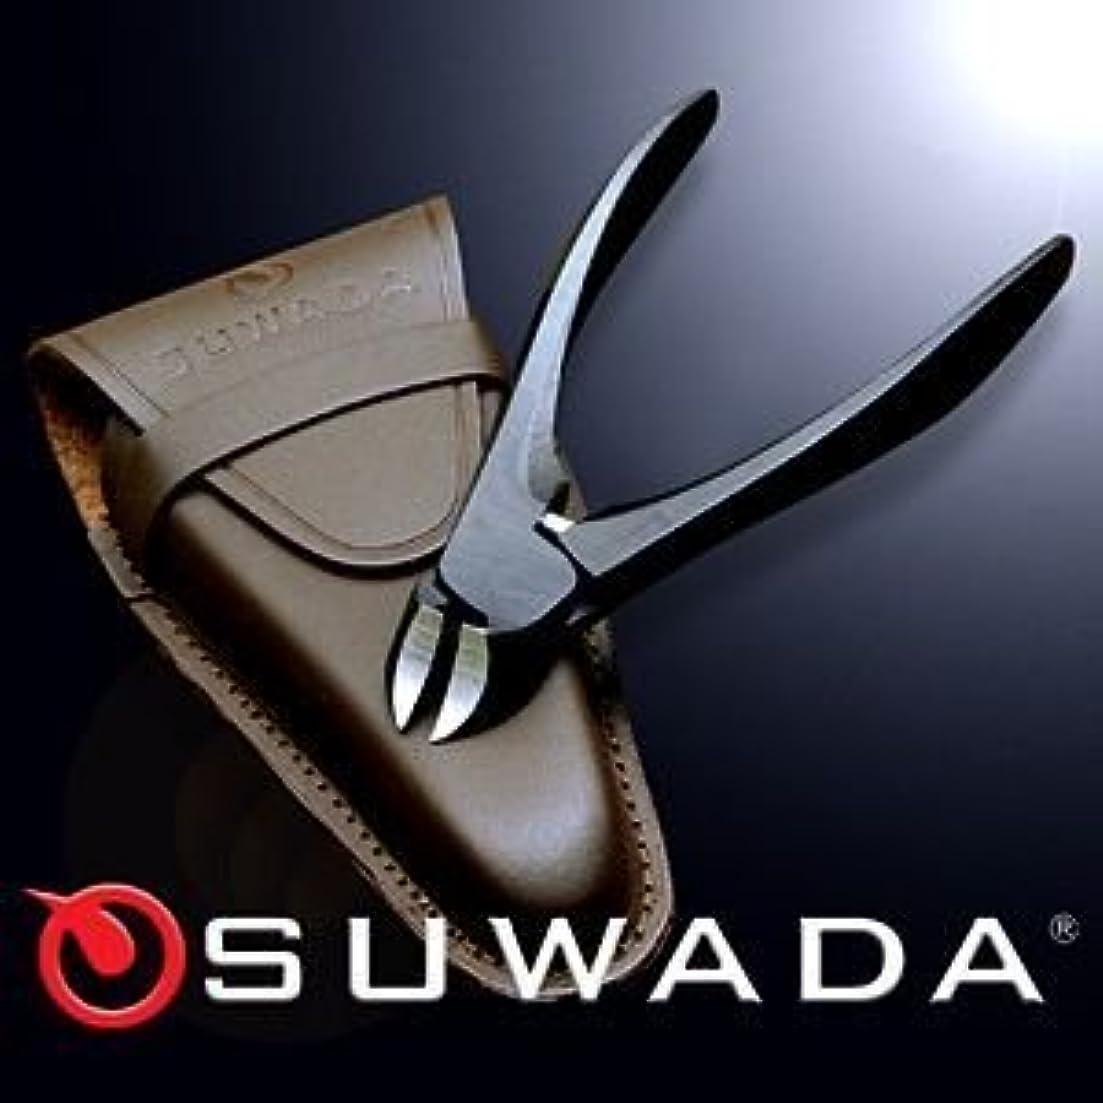 ビジュアル好意的手段SUWADA爪切りブラックL&革ケースセット 特注モデル 諏訪田製作所製 スワダの爪切り